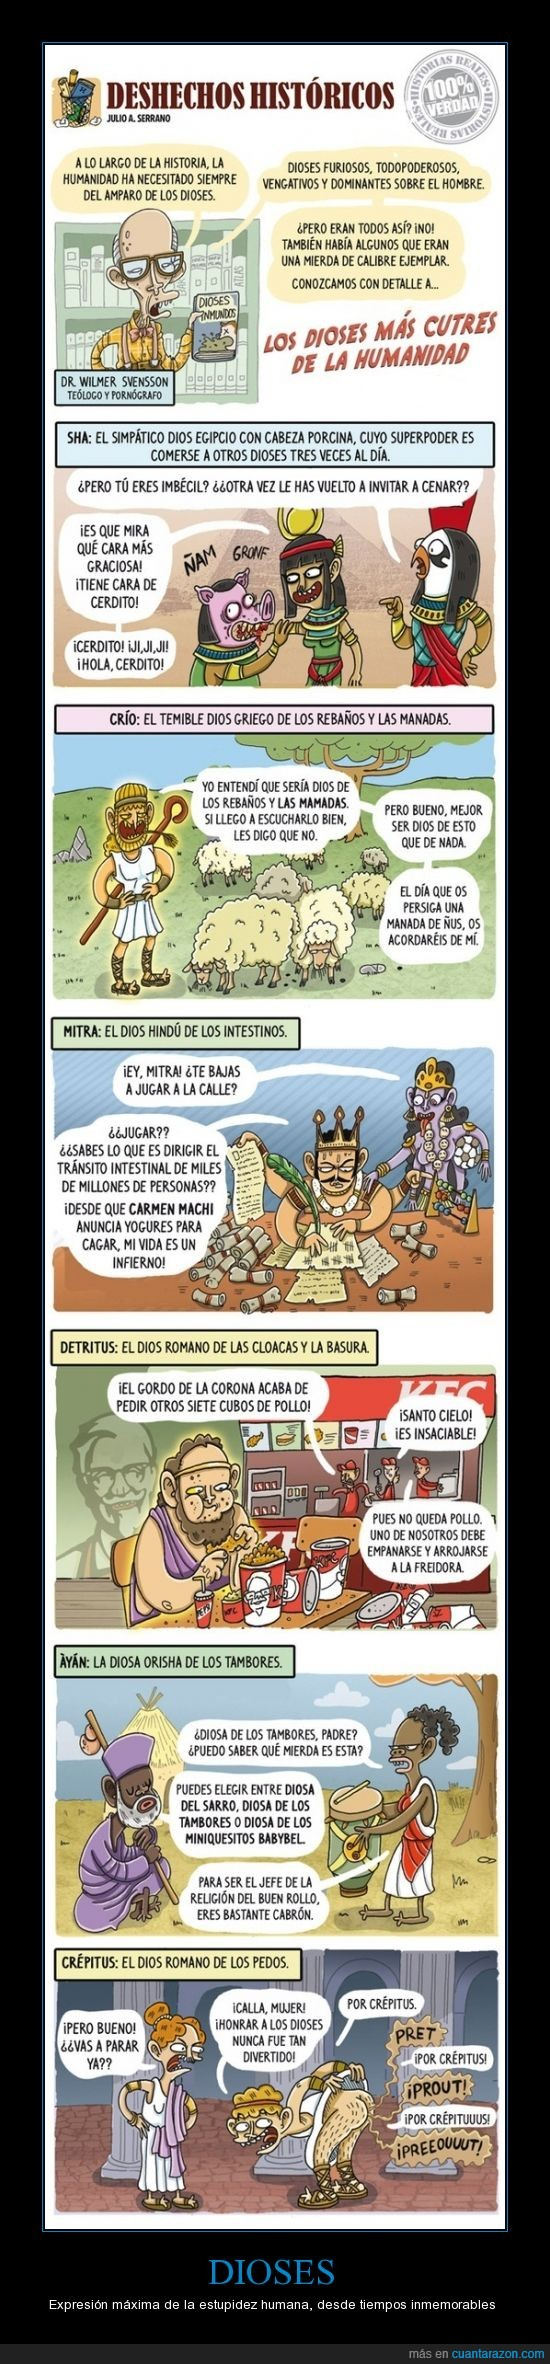 cutres,dioses,Egipto,estupidez,Grecia,Roma